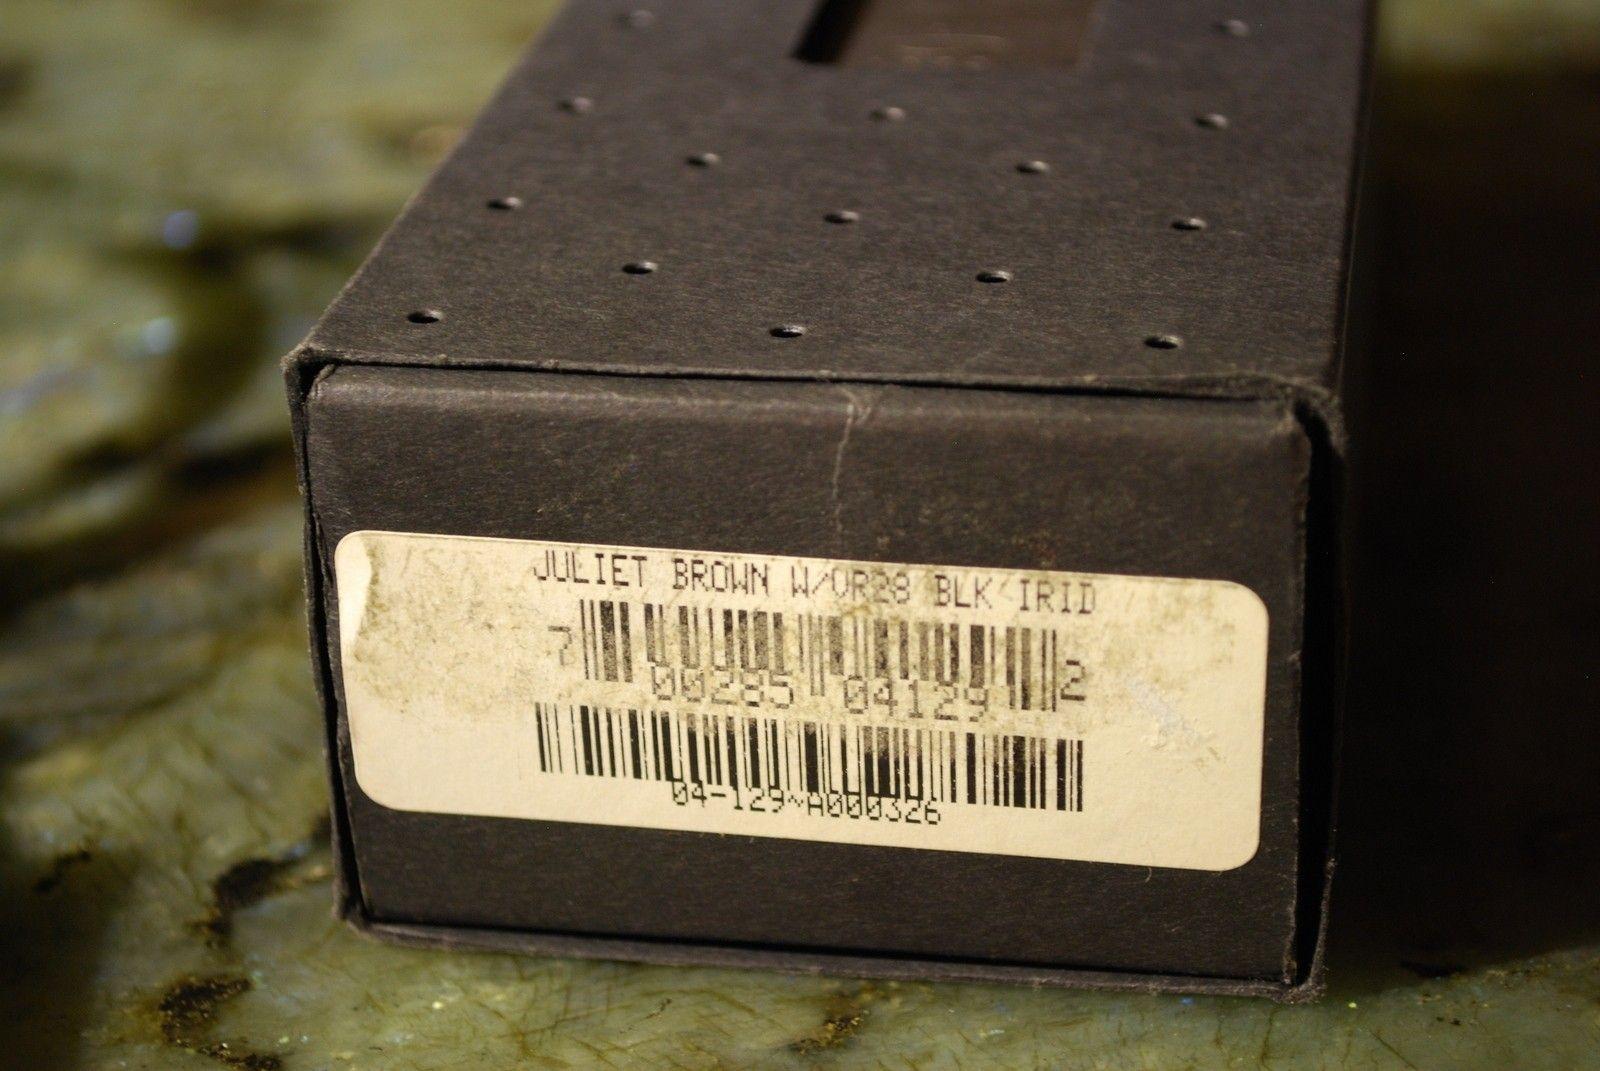 XM Penny, XM X serial Juliet, JBR, GSR2, Finito, R1 PRICE DROPS - DSC_0694.JPG